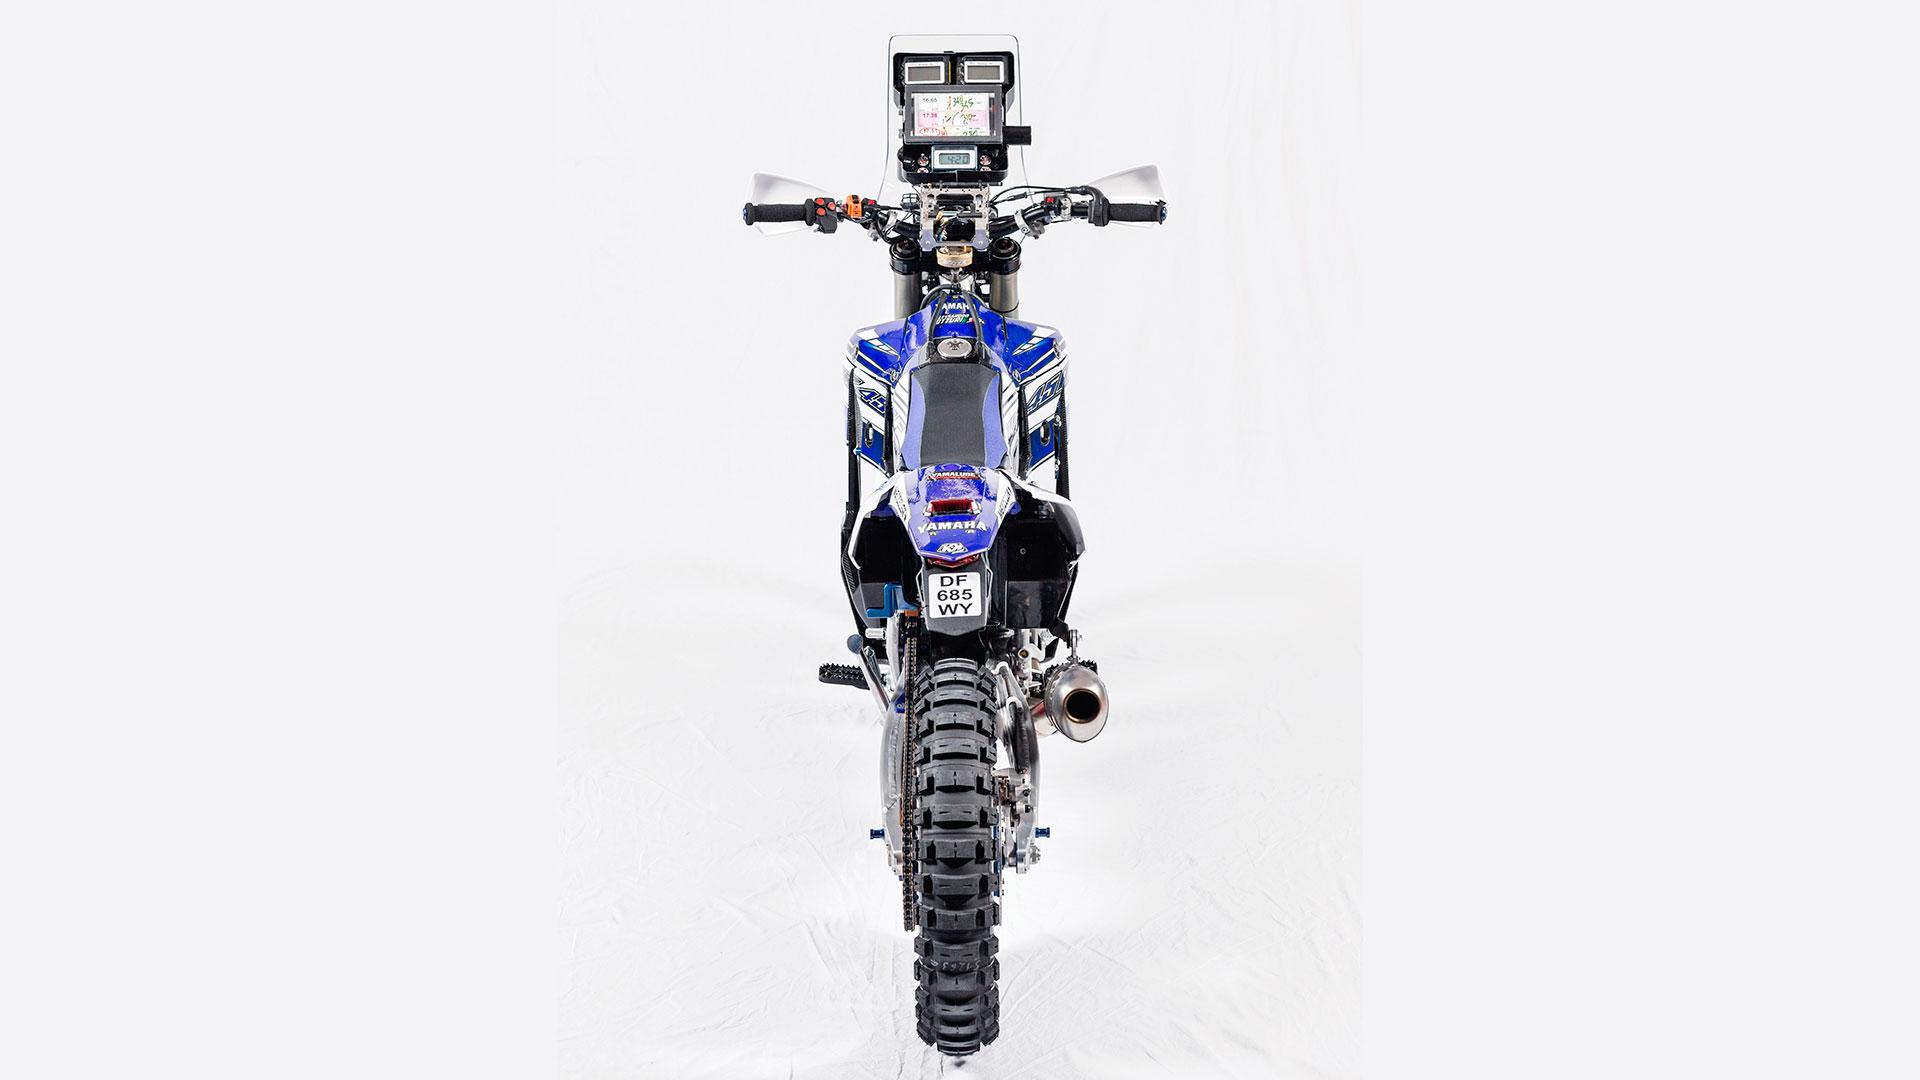 Yamaha Unleashes Wr450f Dakar Rally Weapon